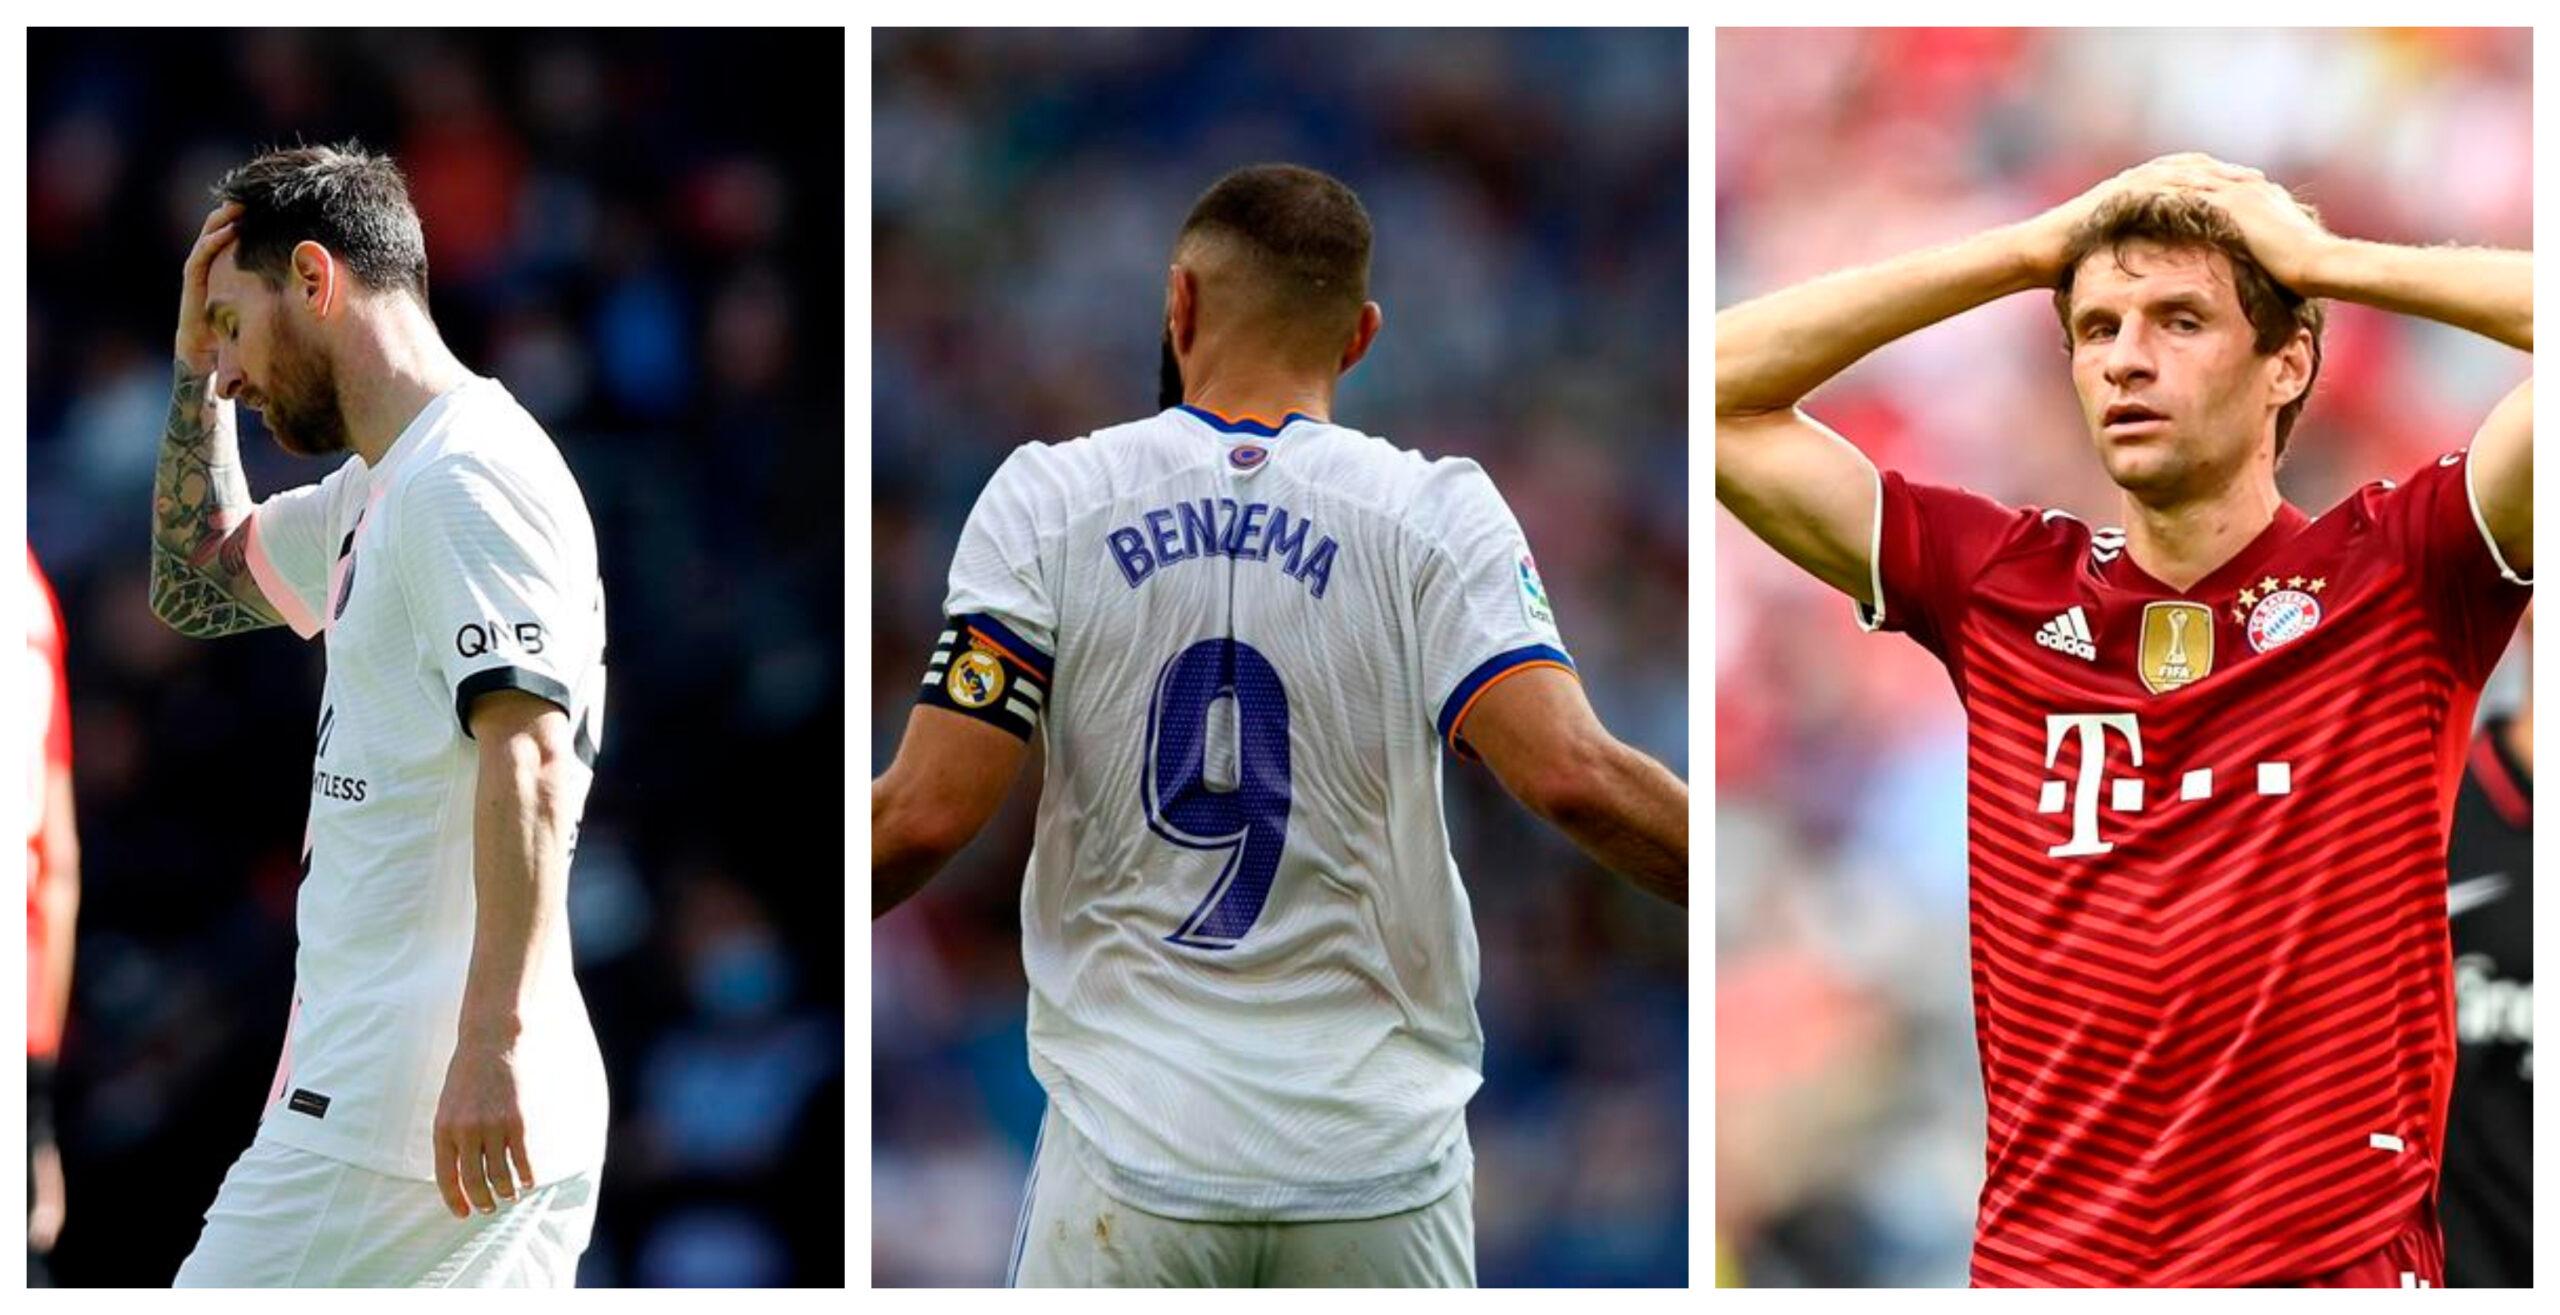 La jornada del fin de semana marcó derrotas en Francia, al PSG, al Real Madrid en España y al Bayern Munich en Alemania.